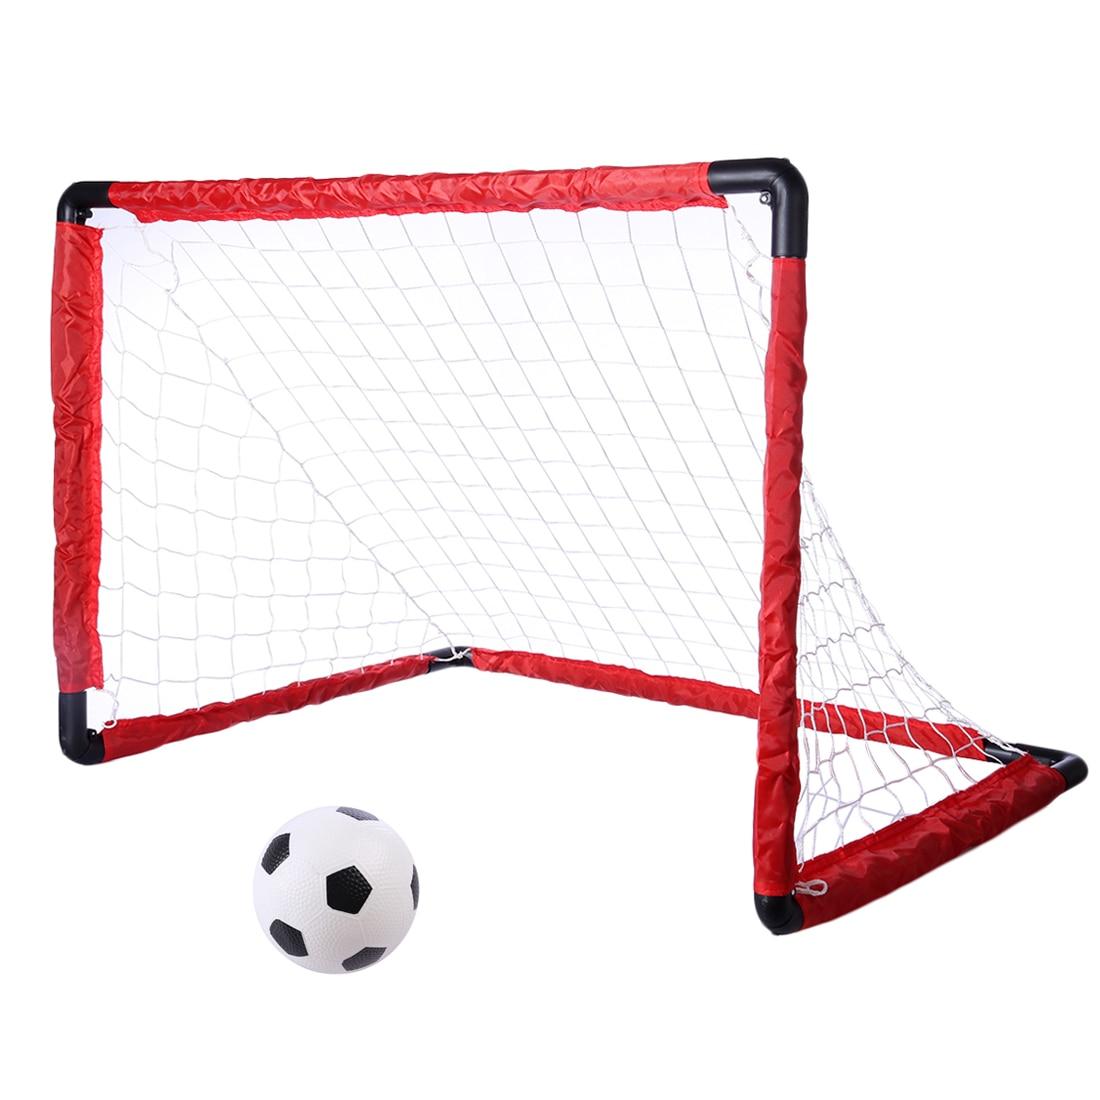 Portatile Pieghevole Goal di Calcio Per Bambini Set Porta di Calcio Cancello Calcio Giocattolo Netto